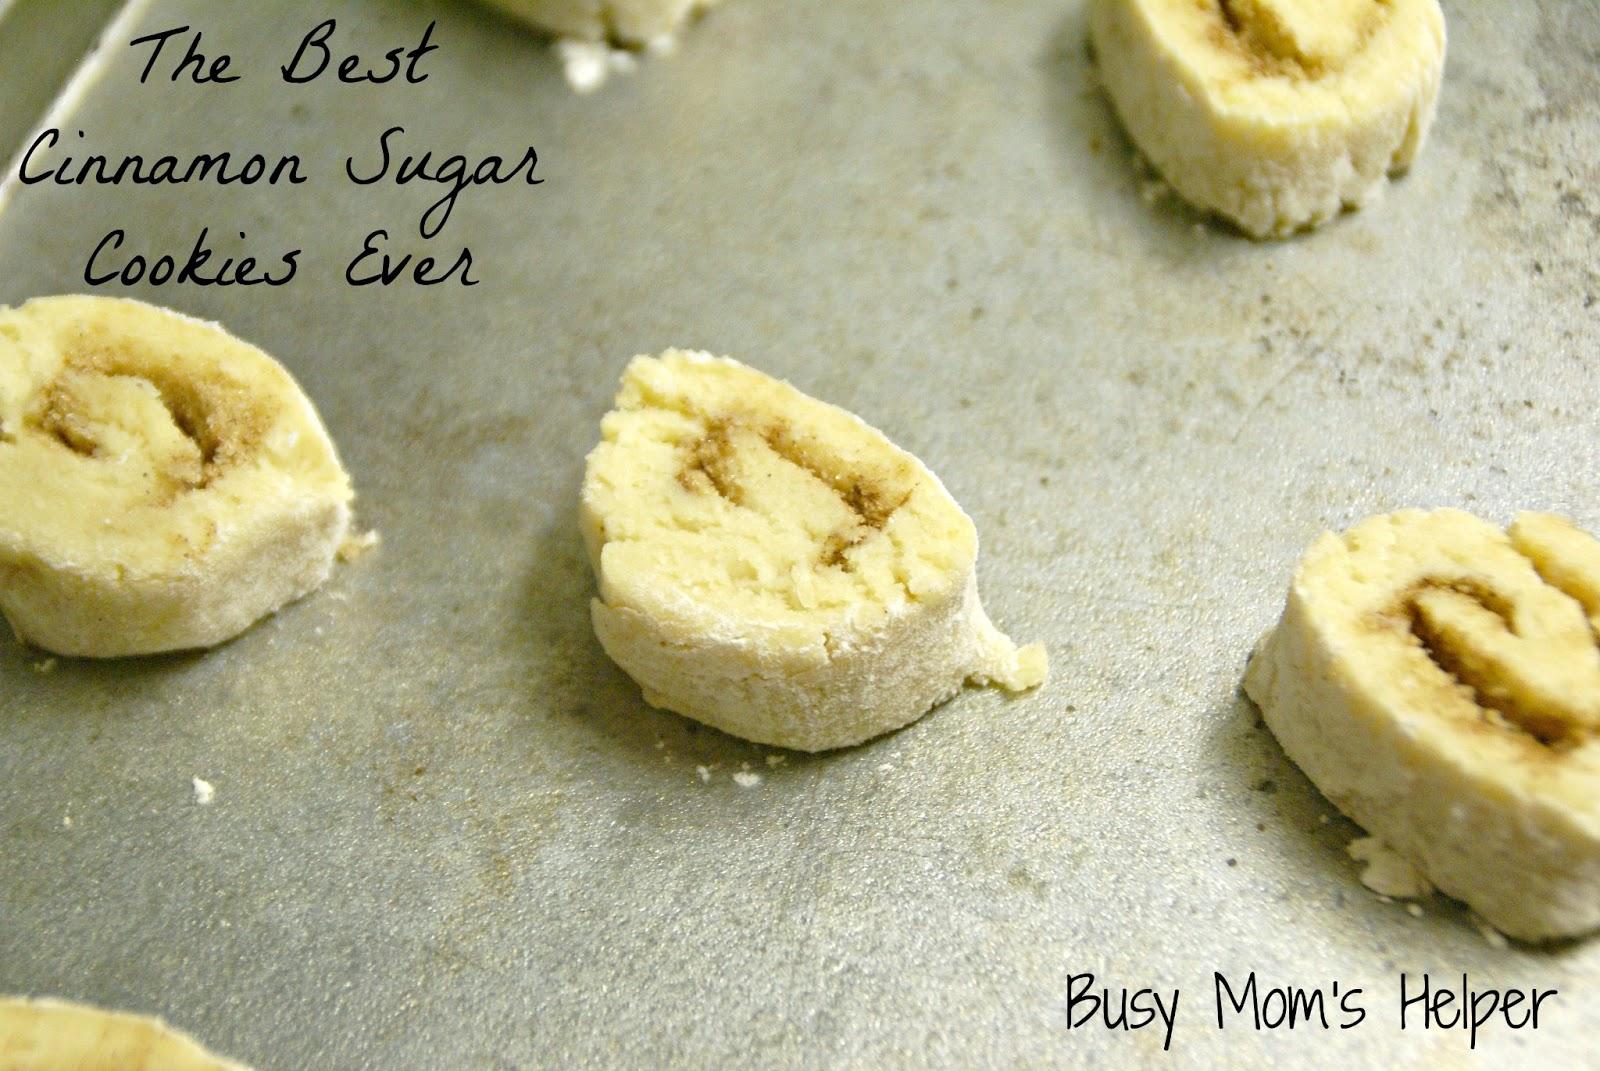 The Best Cinnamon Sugar Cookies Ever - Busy Moms Helper